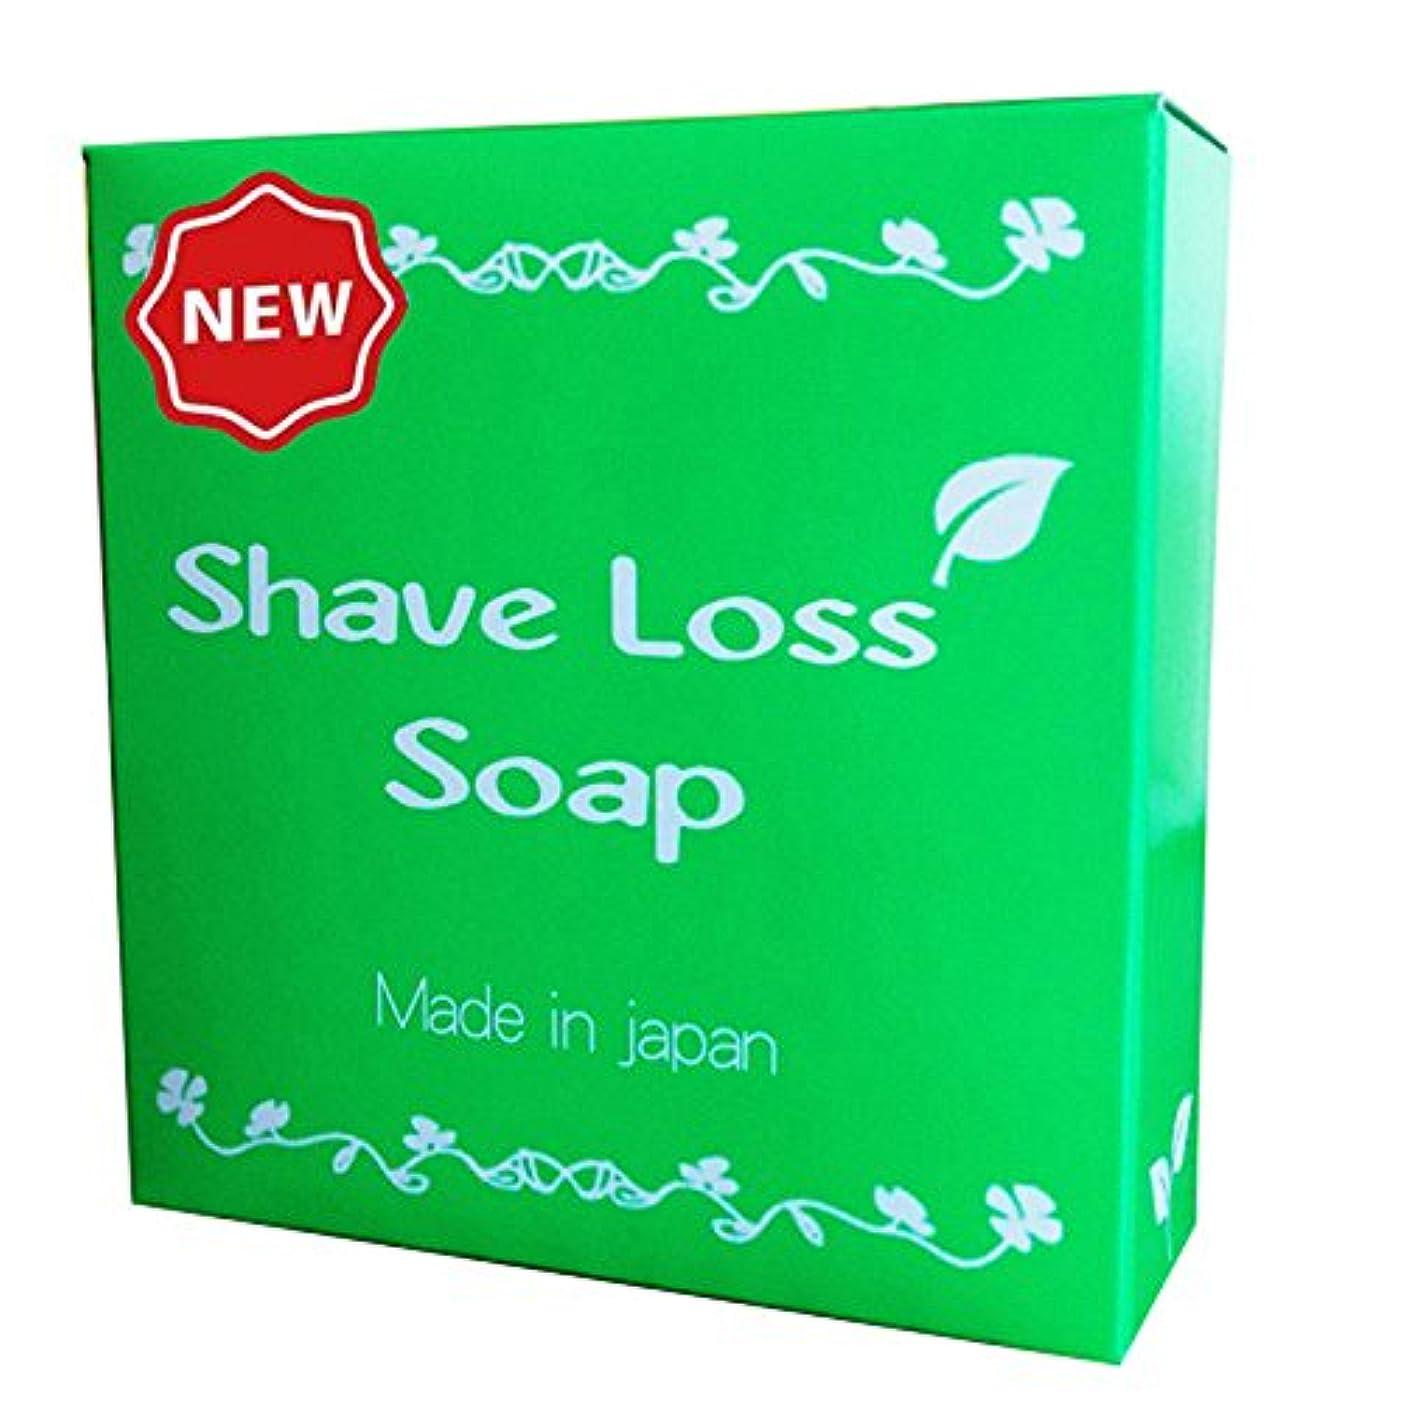 リーロッカー奨学金【NEW】Shave Loss Soap 女性の願いを叶える 石鹸 80g 「ダイズ種子エキス」 「ラレアディバリカタエキス」大幅増量タイプ